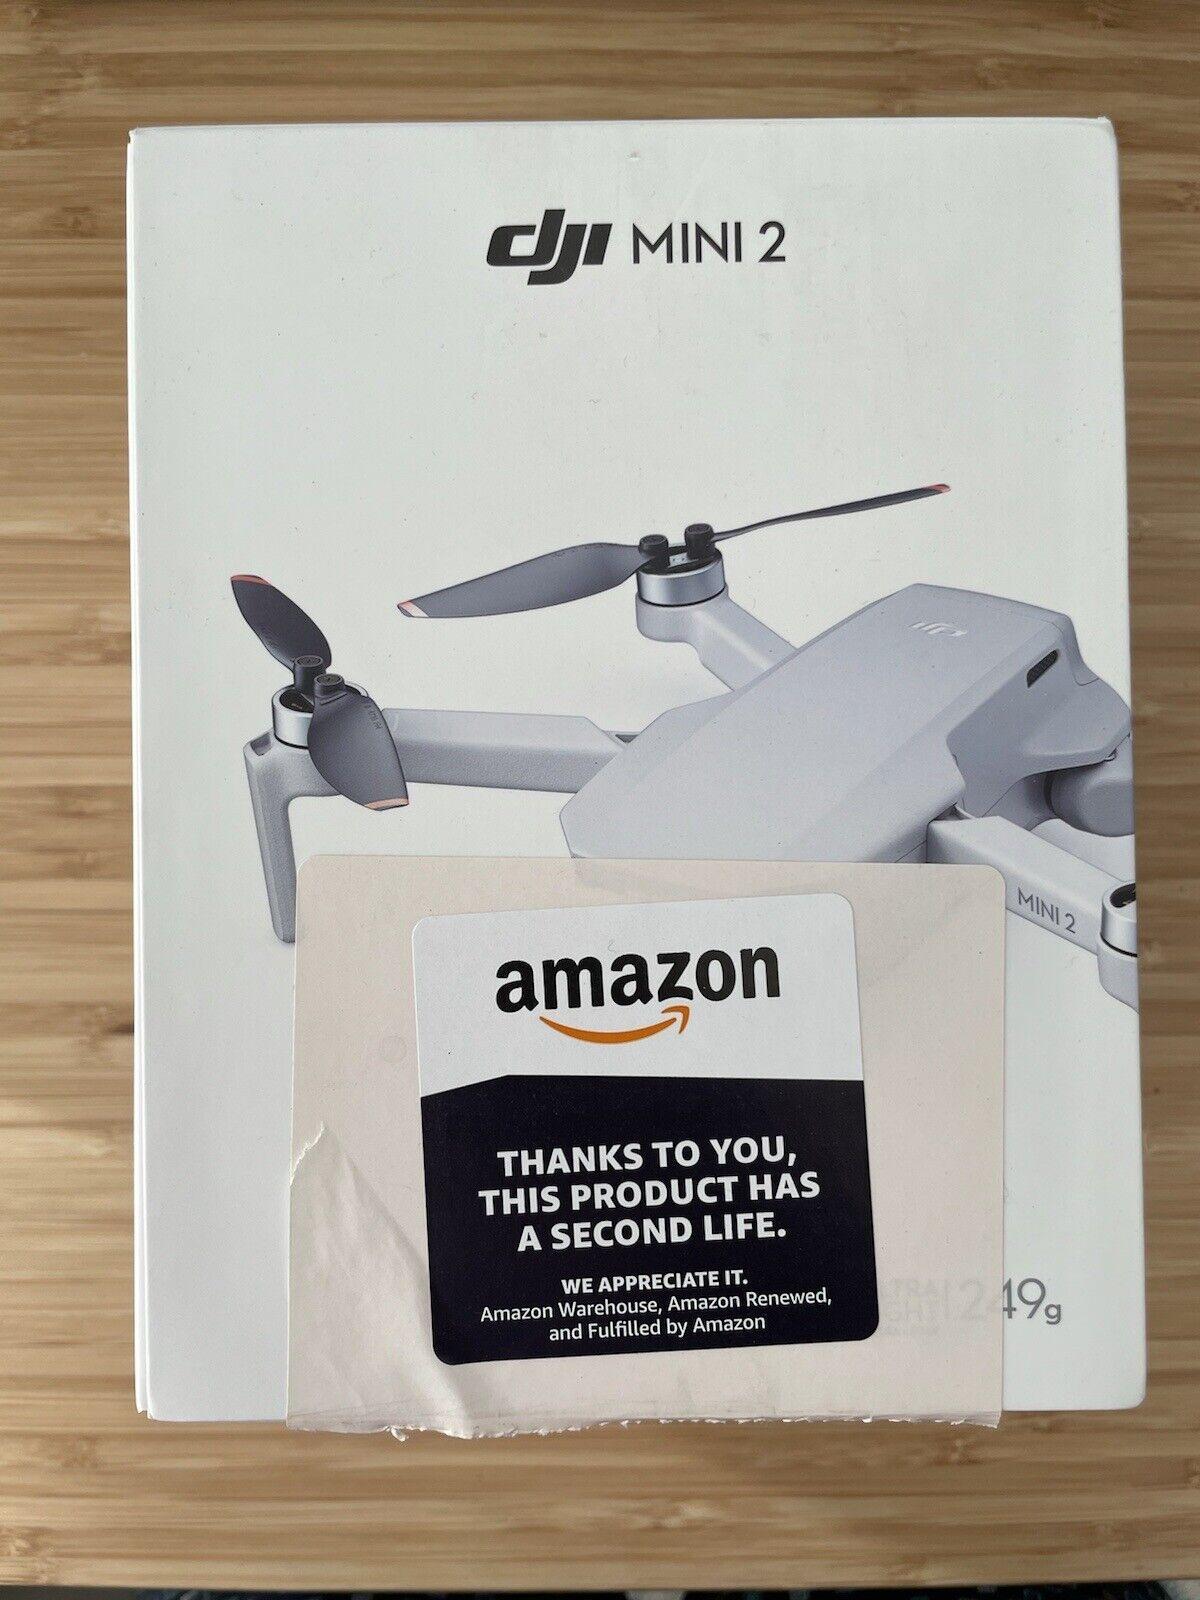 [Open Box] DJI Mini 2 Camera Drone - Gray